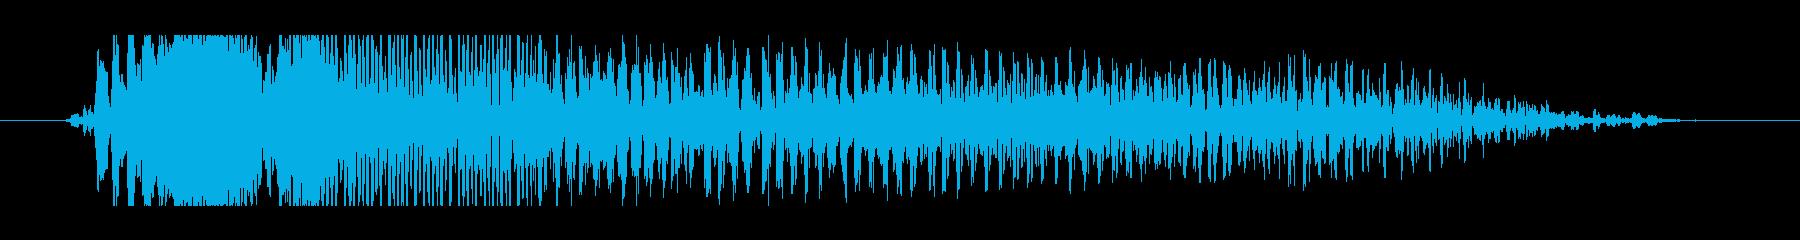 ヴァォォオオオの再生済みの波形